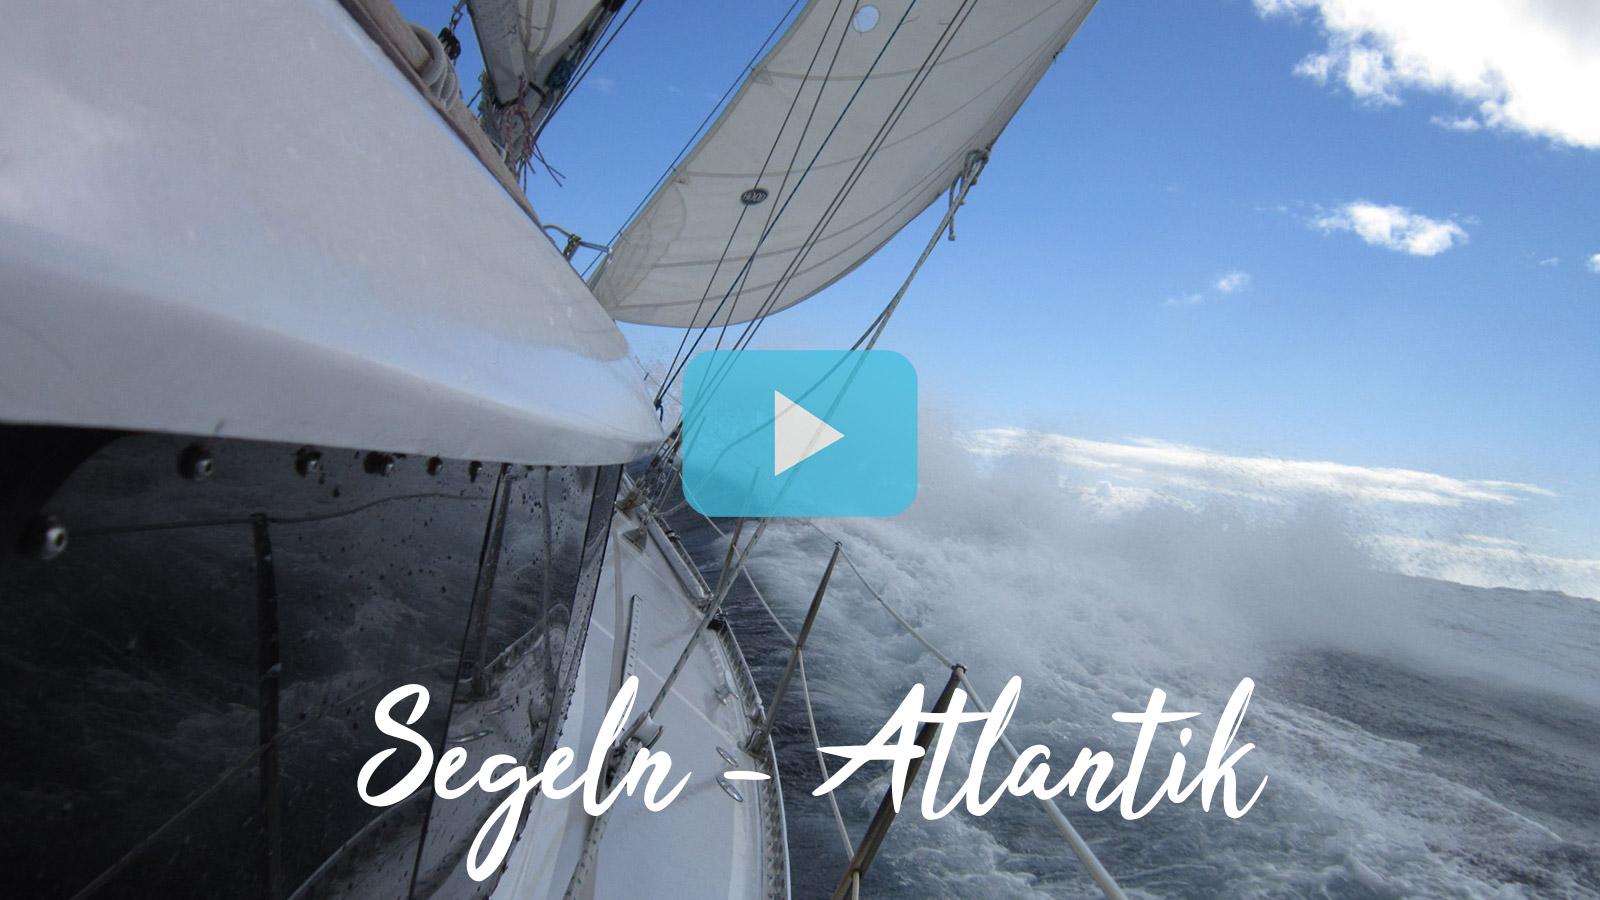 Segelreisen Atlantik